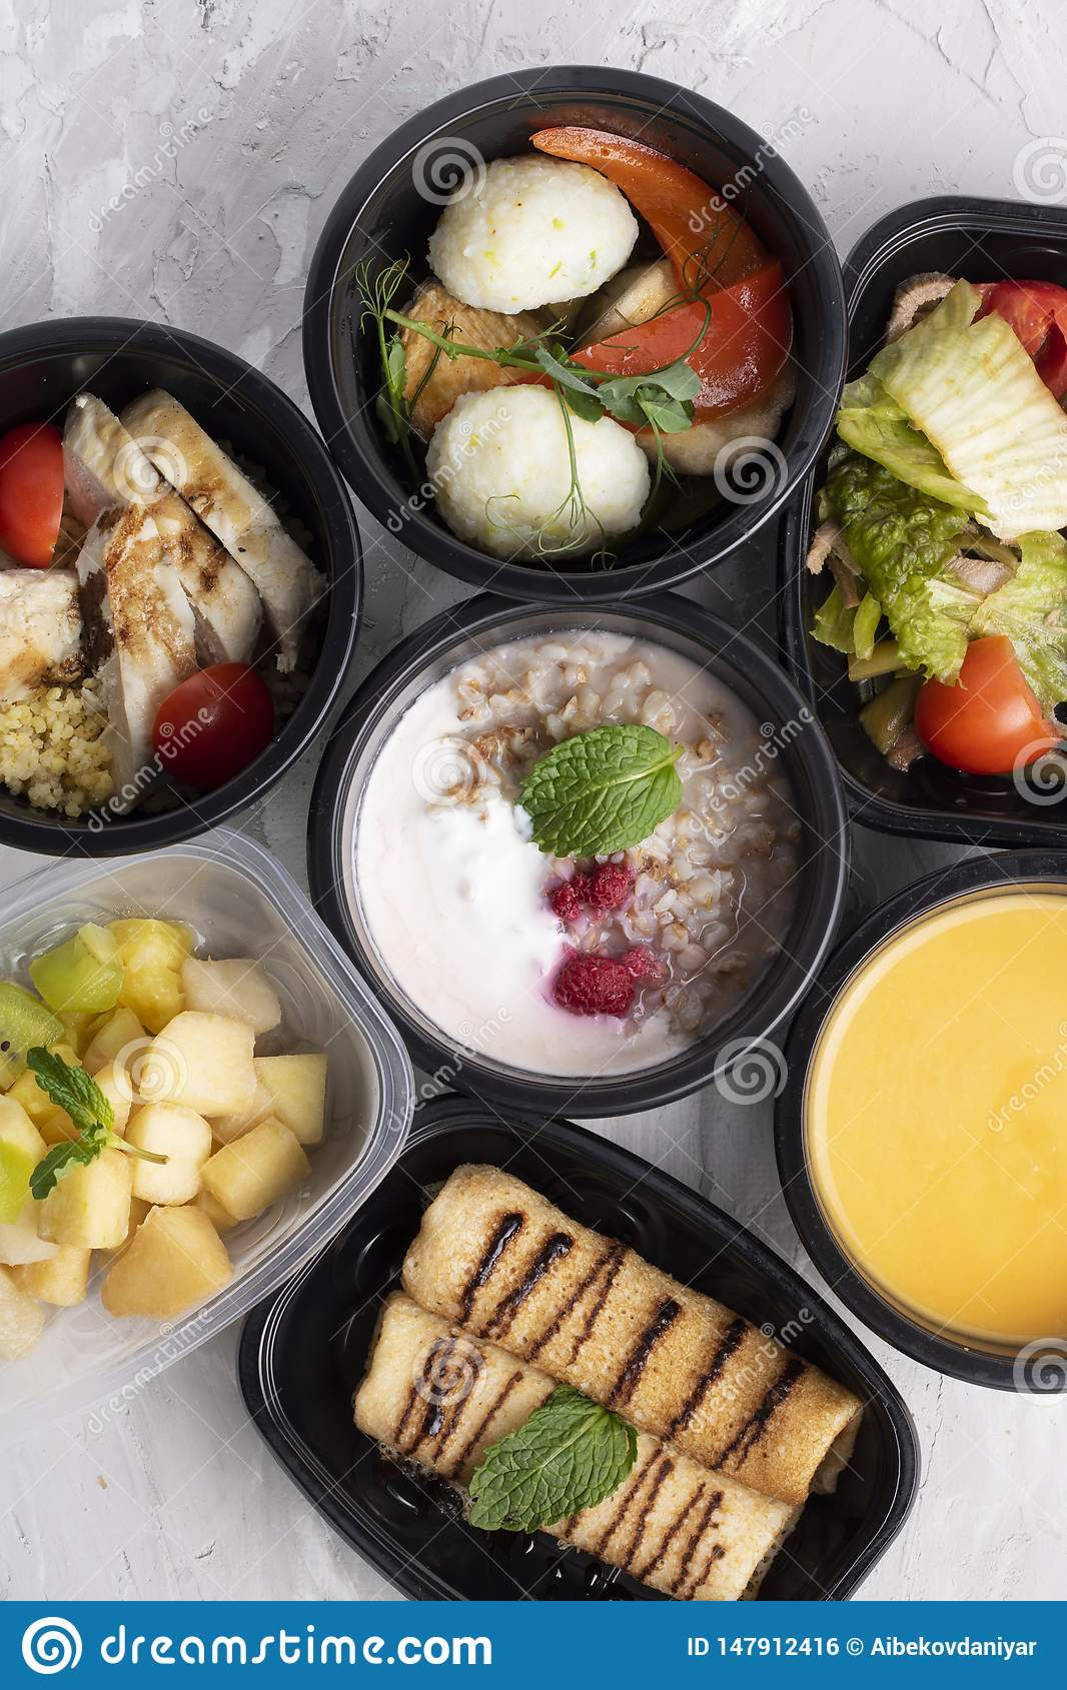 Κρέμα σούπας κολοκύθας, βρασμένα στον ατμό κοτόπουλο και λαχανικά, έτοιμο γεύμα για την κατάλληλη διατροφή και ισορροπημένη διατρ